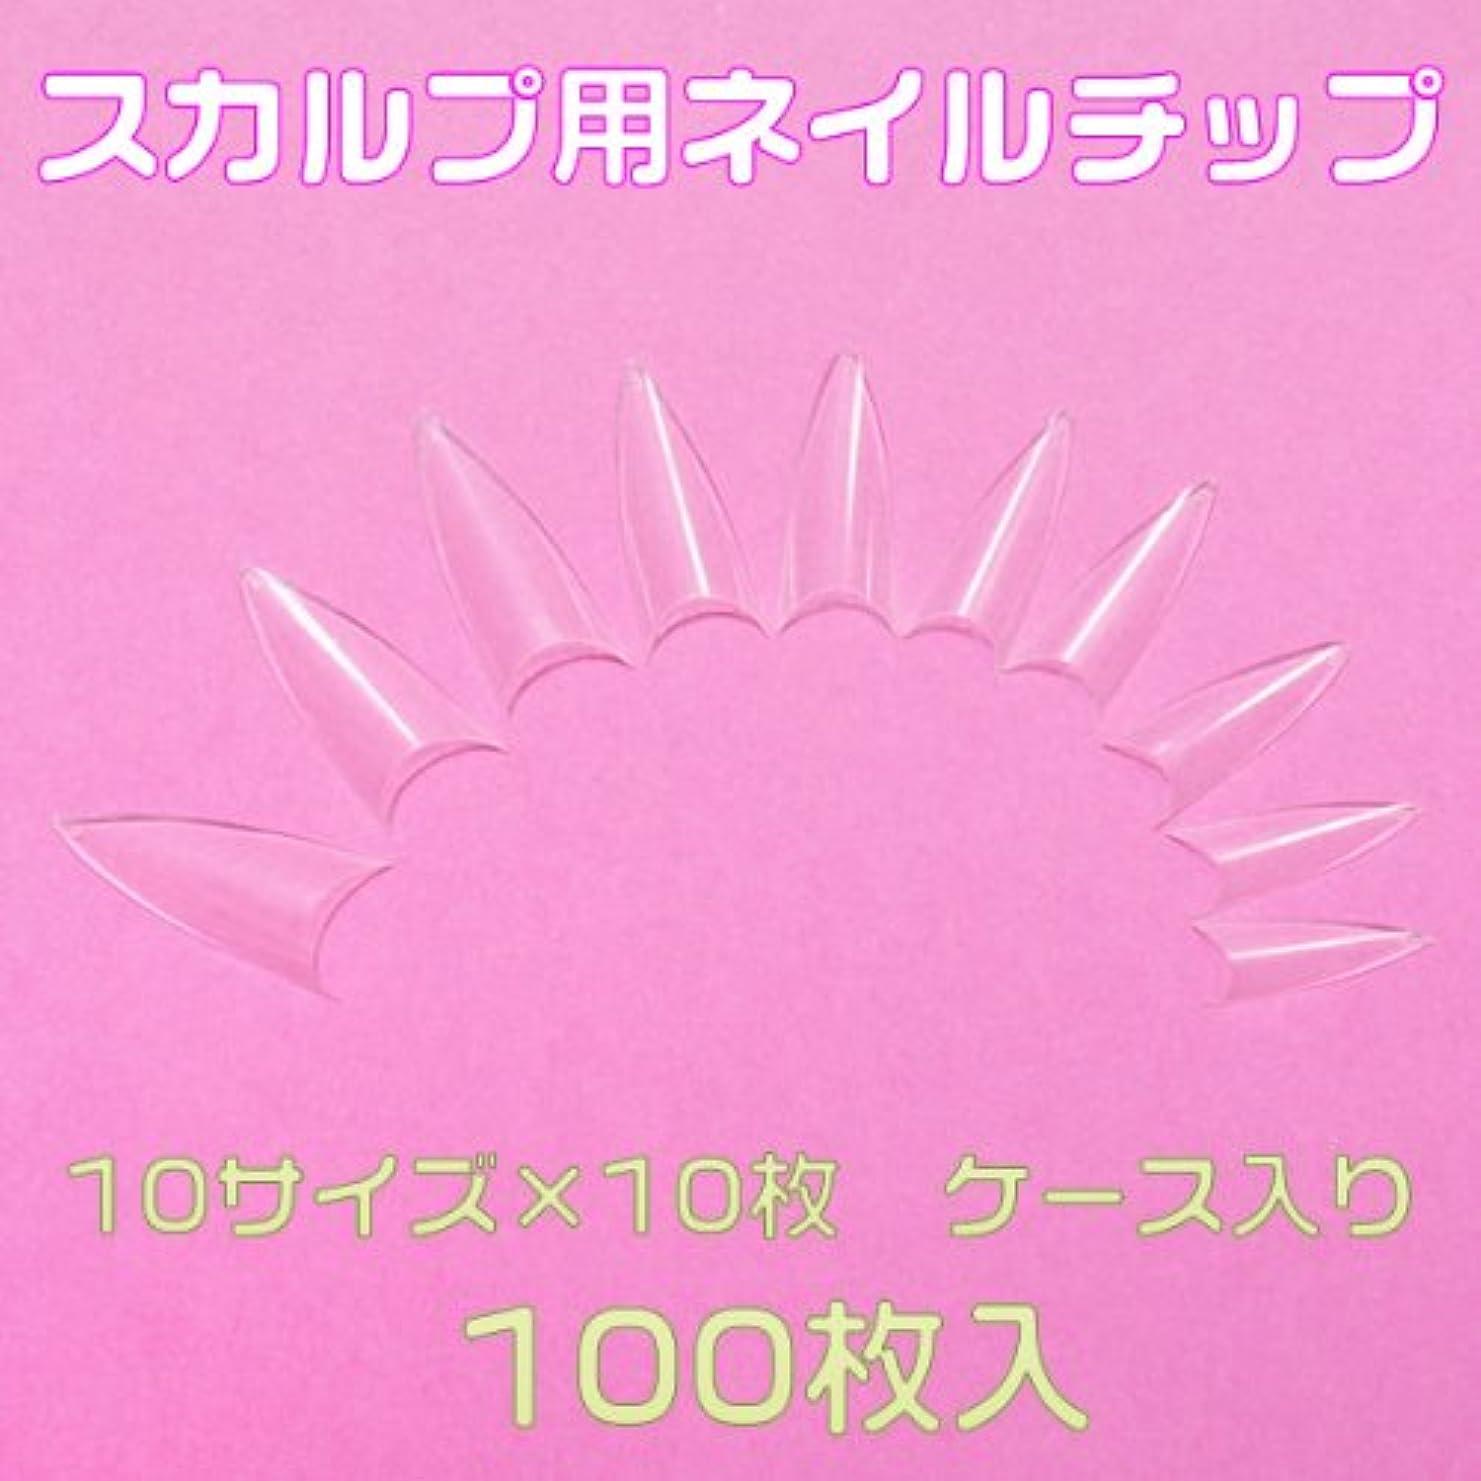 シンボルウイルスキャラクターシャープポイント 先端が尖ったネイルチップ10サイズ100枚 クリア ケース入[#c5]とんがりネイルチップ